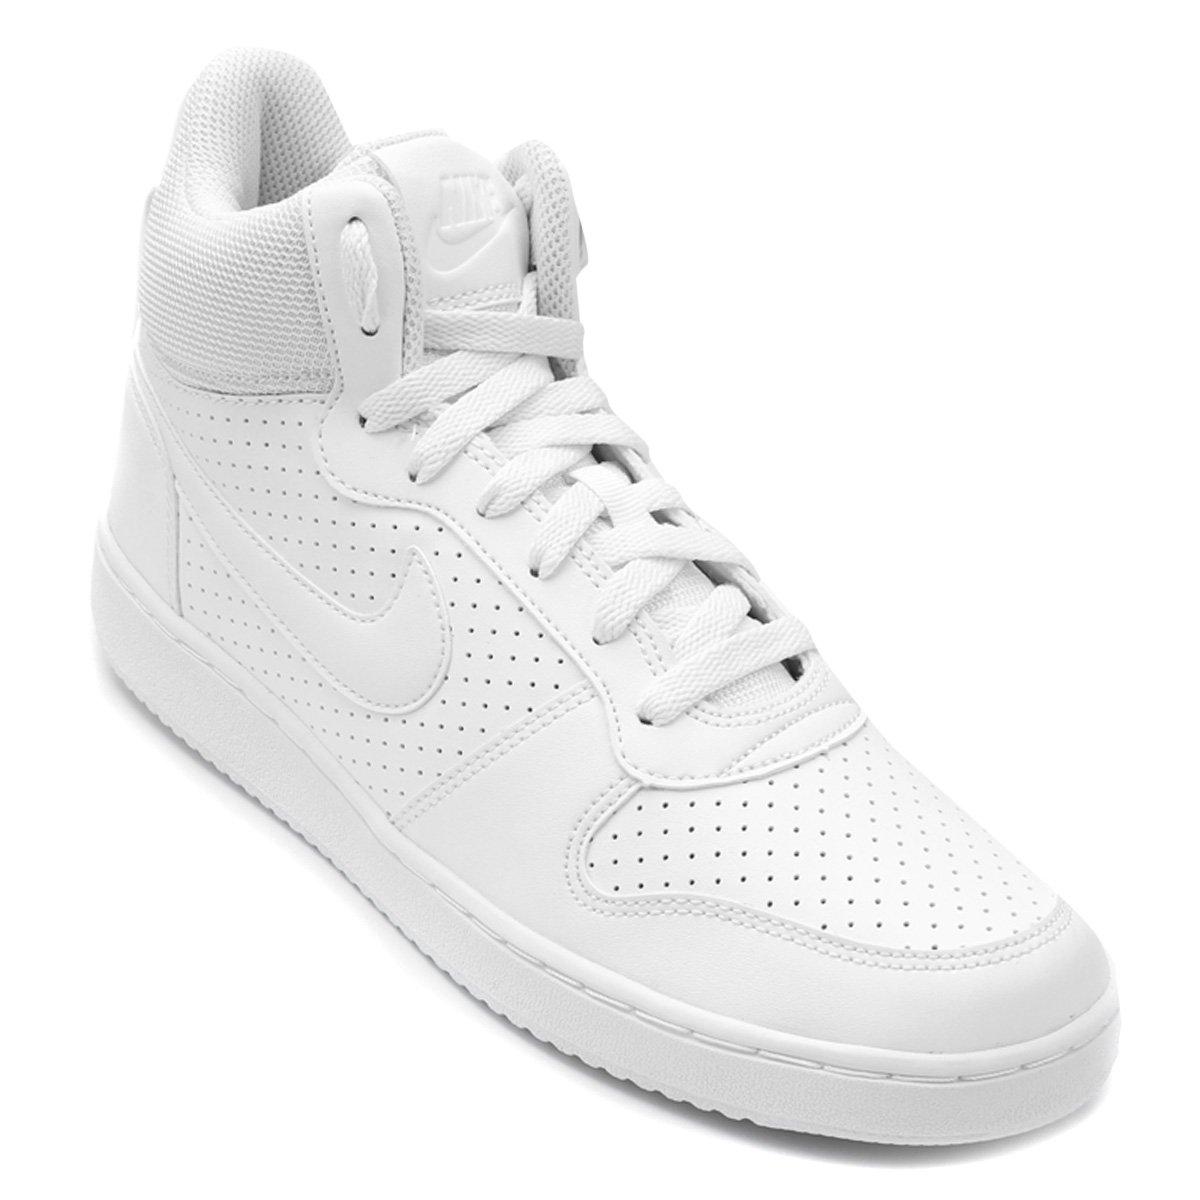 Tênis Couro Cano Alto Nike Recreation Mid Masculino - Branco ... 5b7fa06ec6a6f